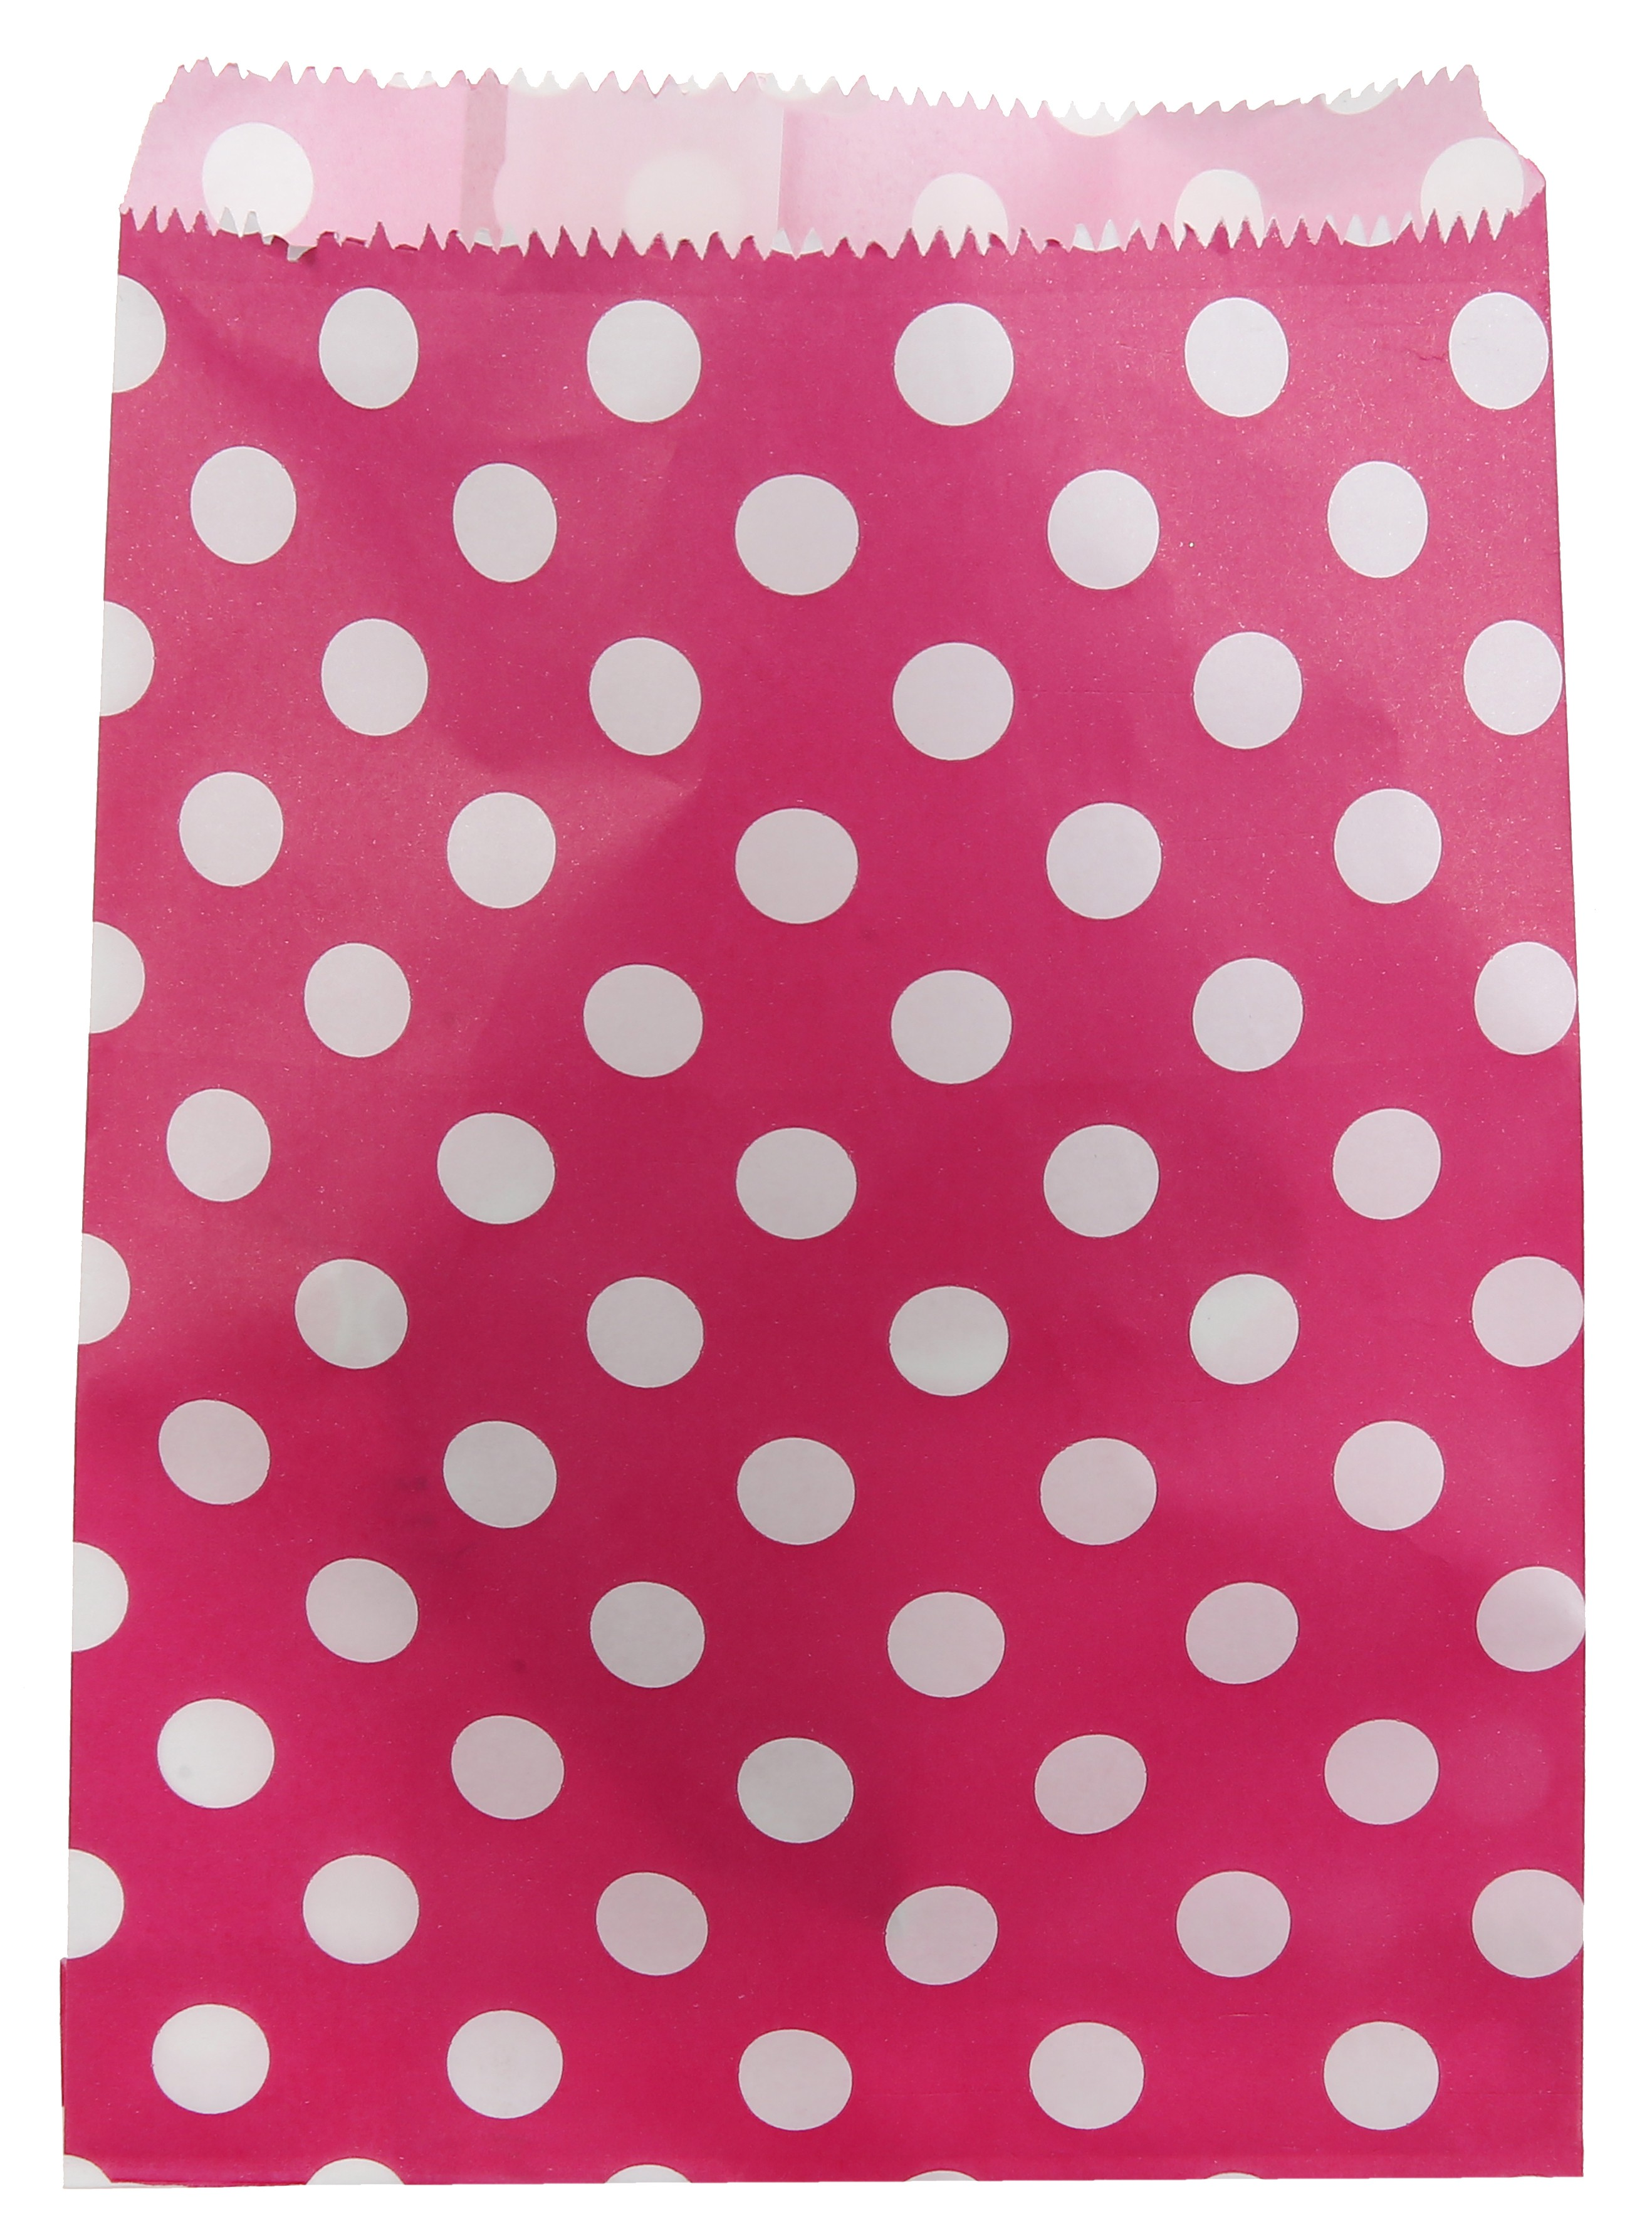 Billede af Pink papir slikpose med prikker - 24 Stk